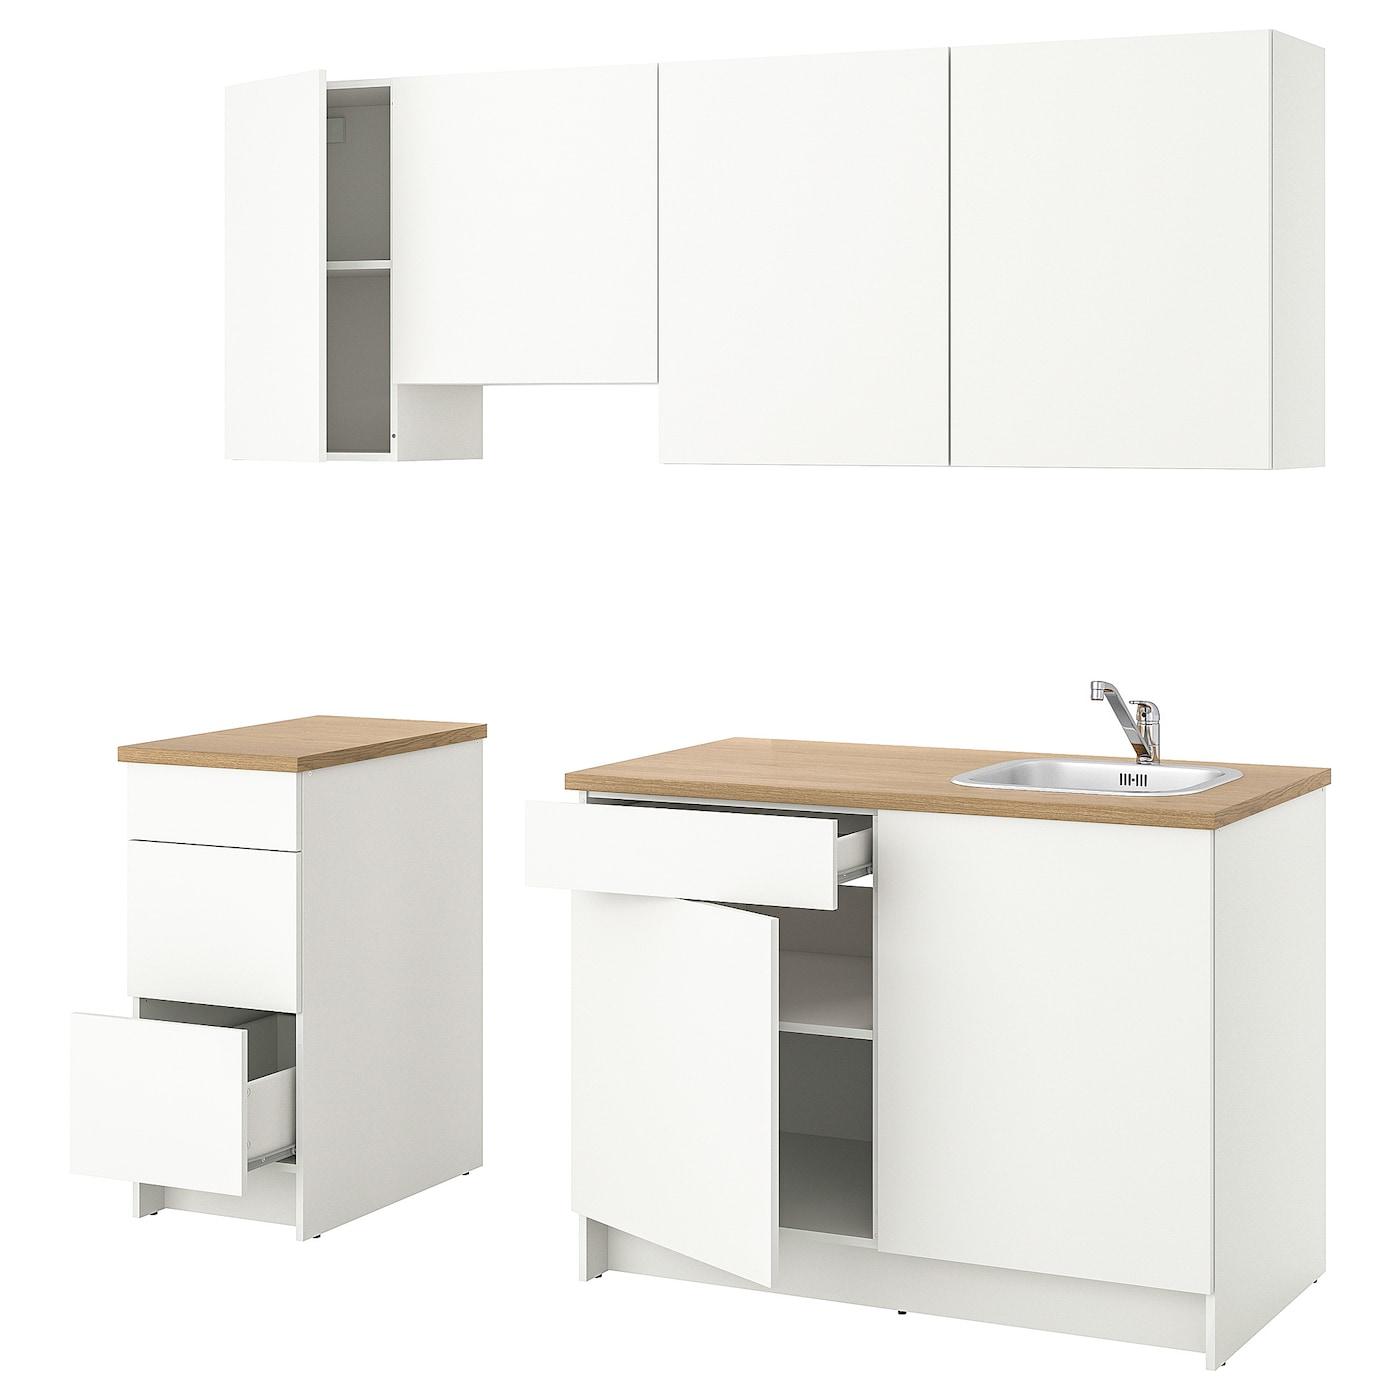 knoxhult kitchen - white - ikea